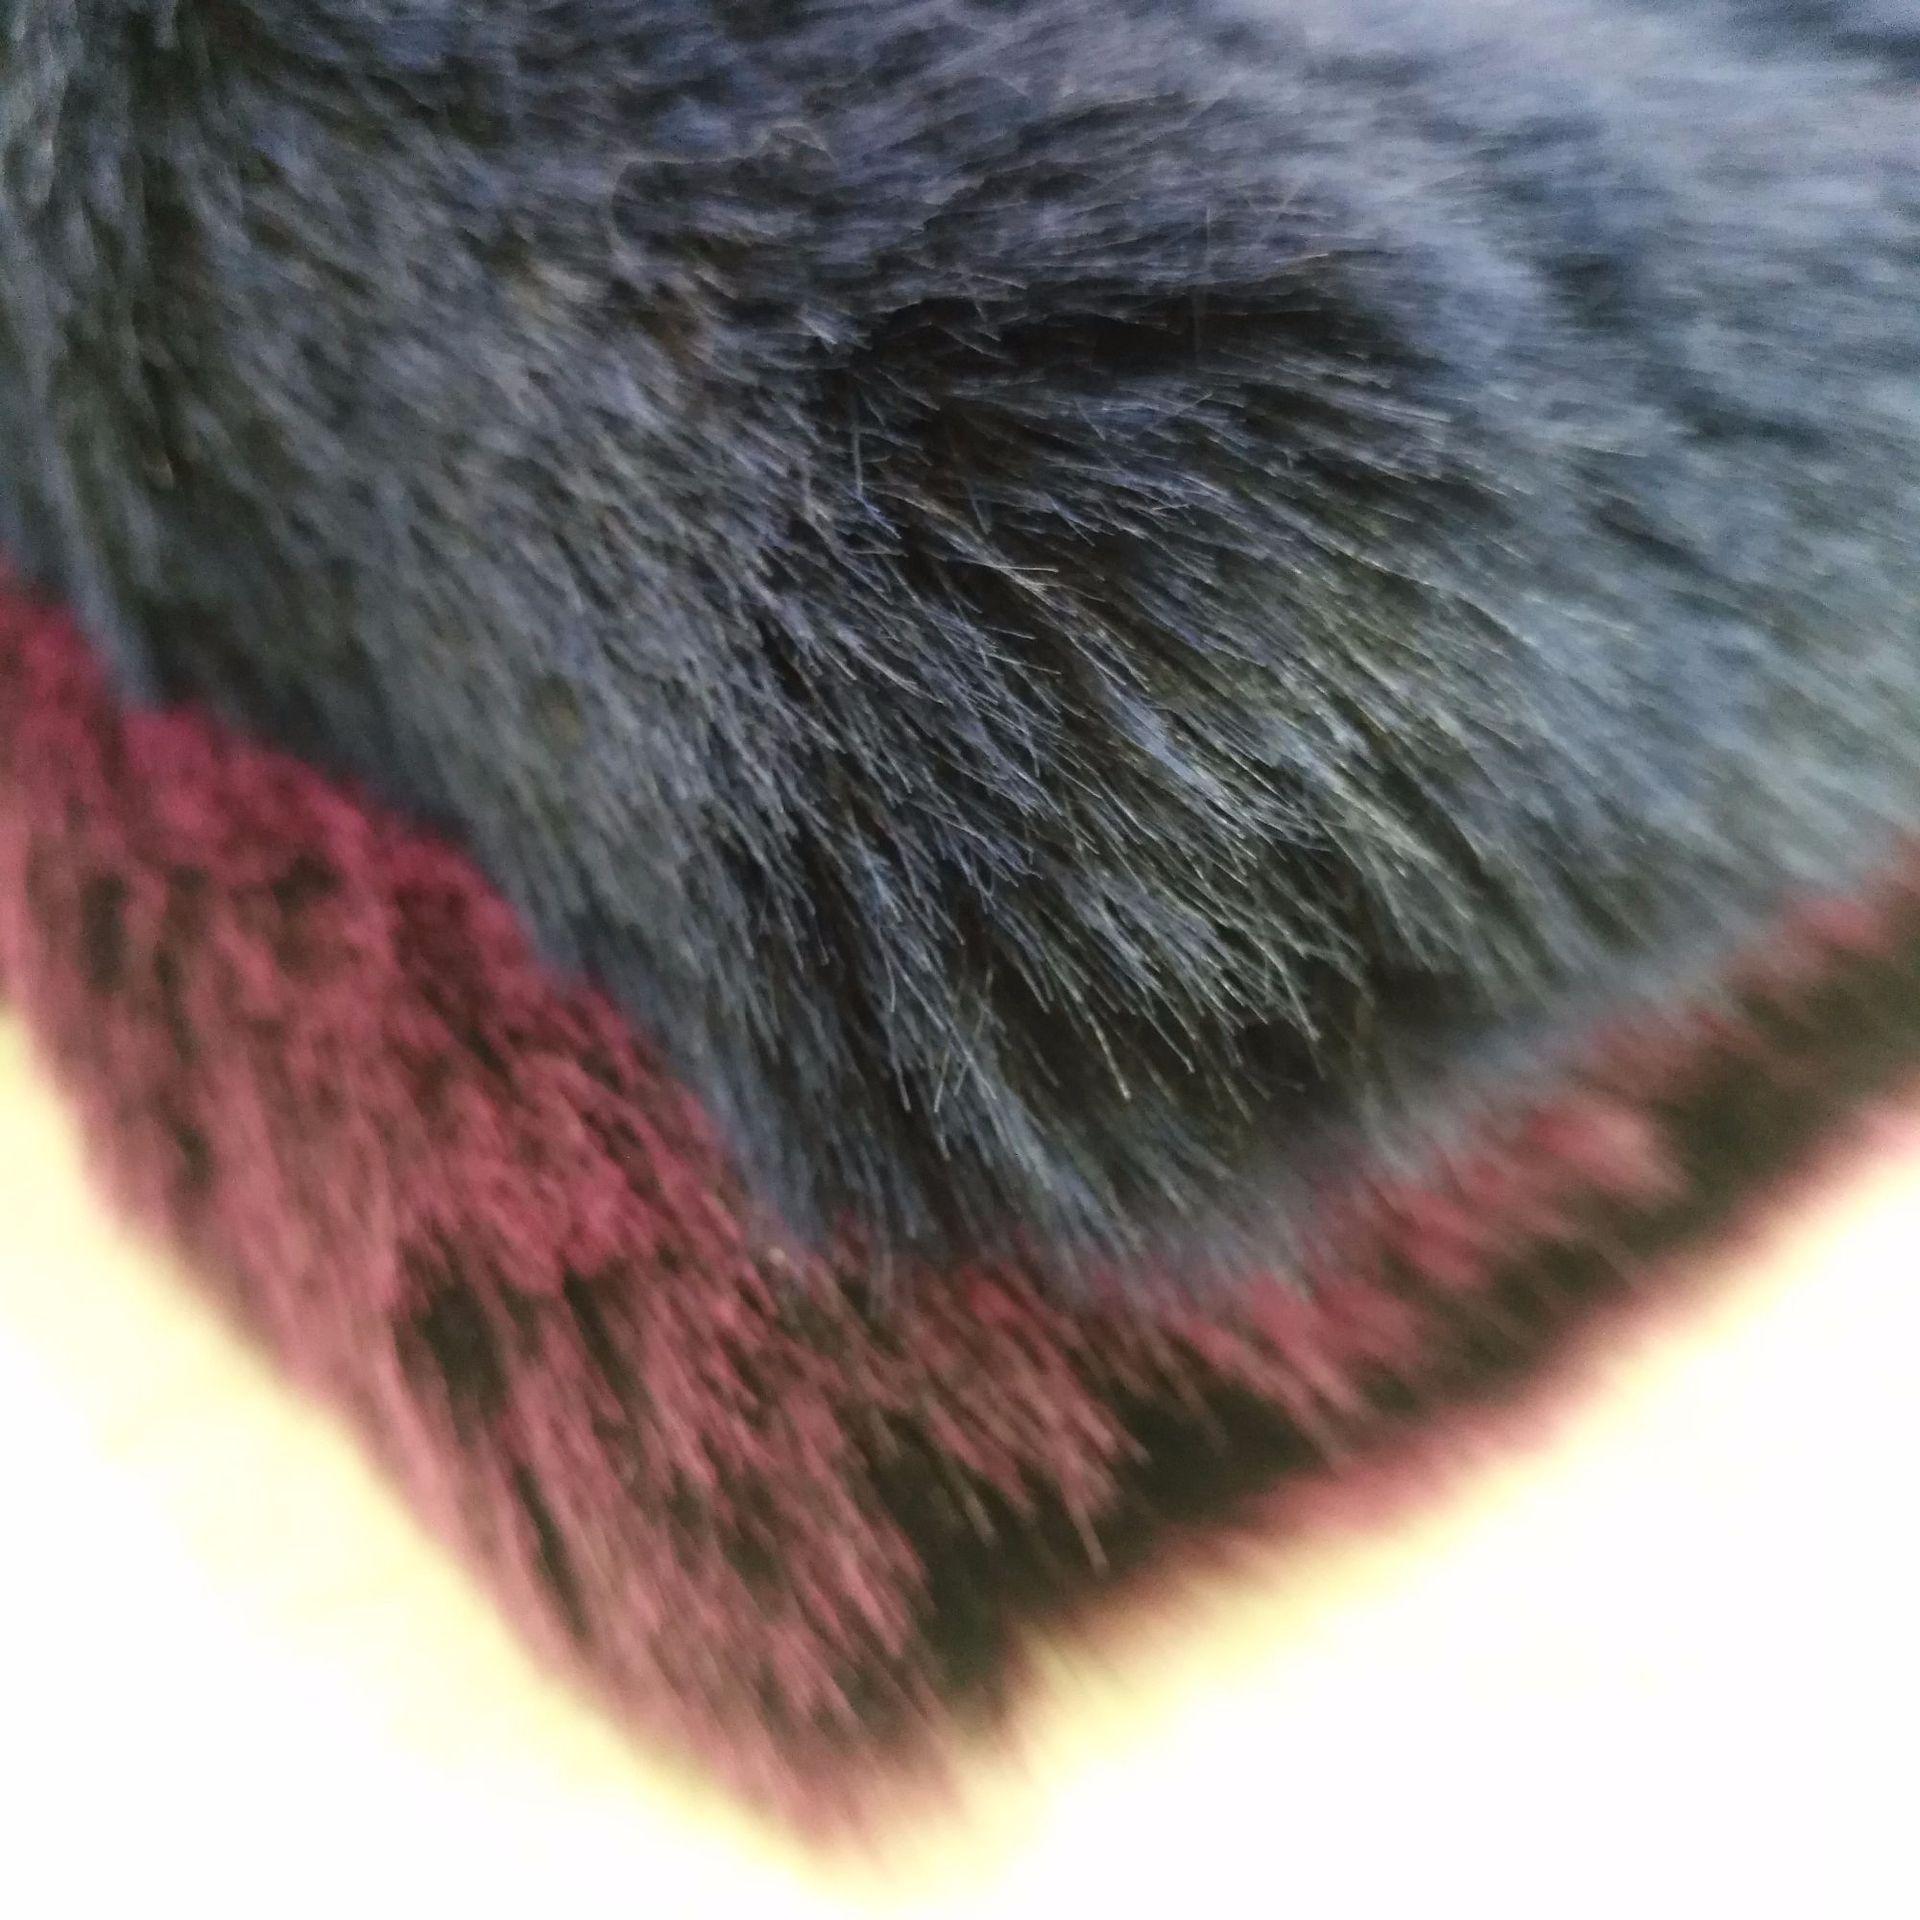 Мягкий лисий мех окрашенный кончик выцветший лисий мех плюшевая меховая ткань для игрушек - 6